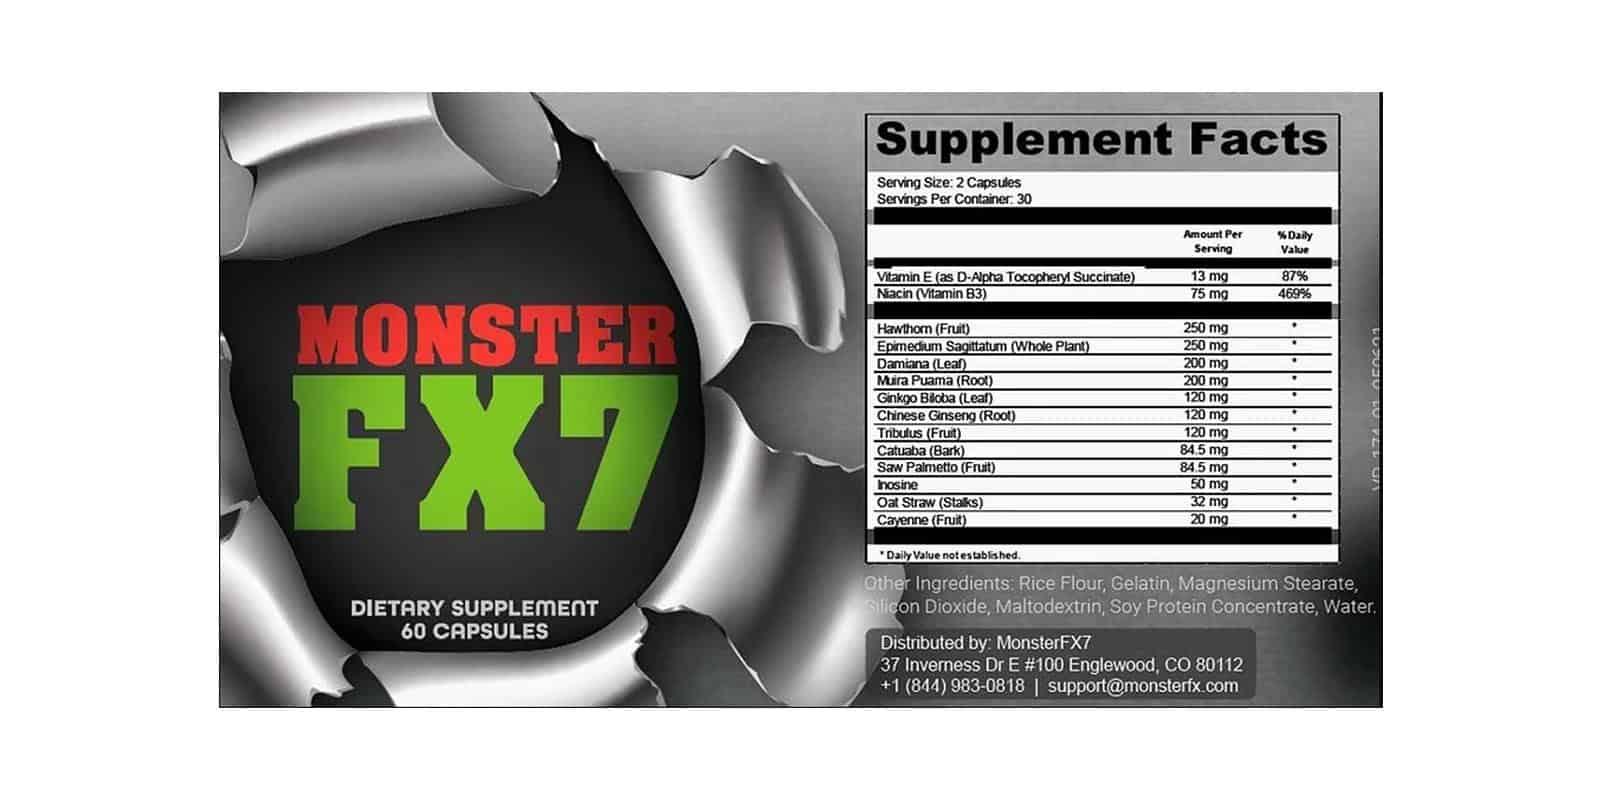 MonsterFX7 Dosage